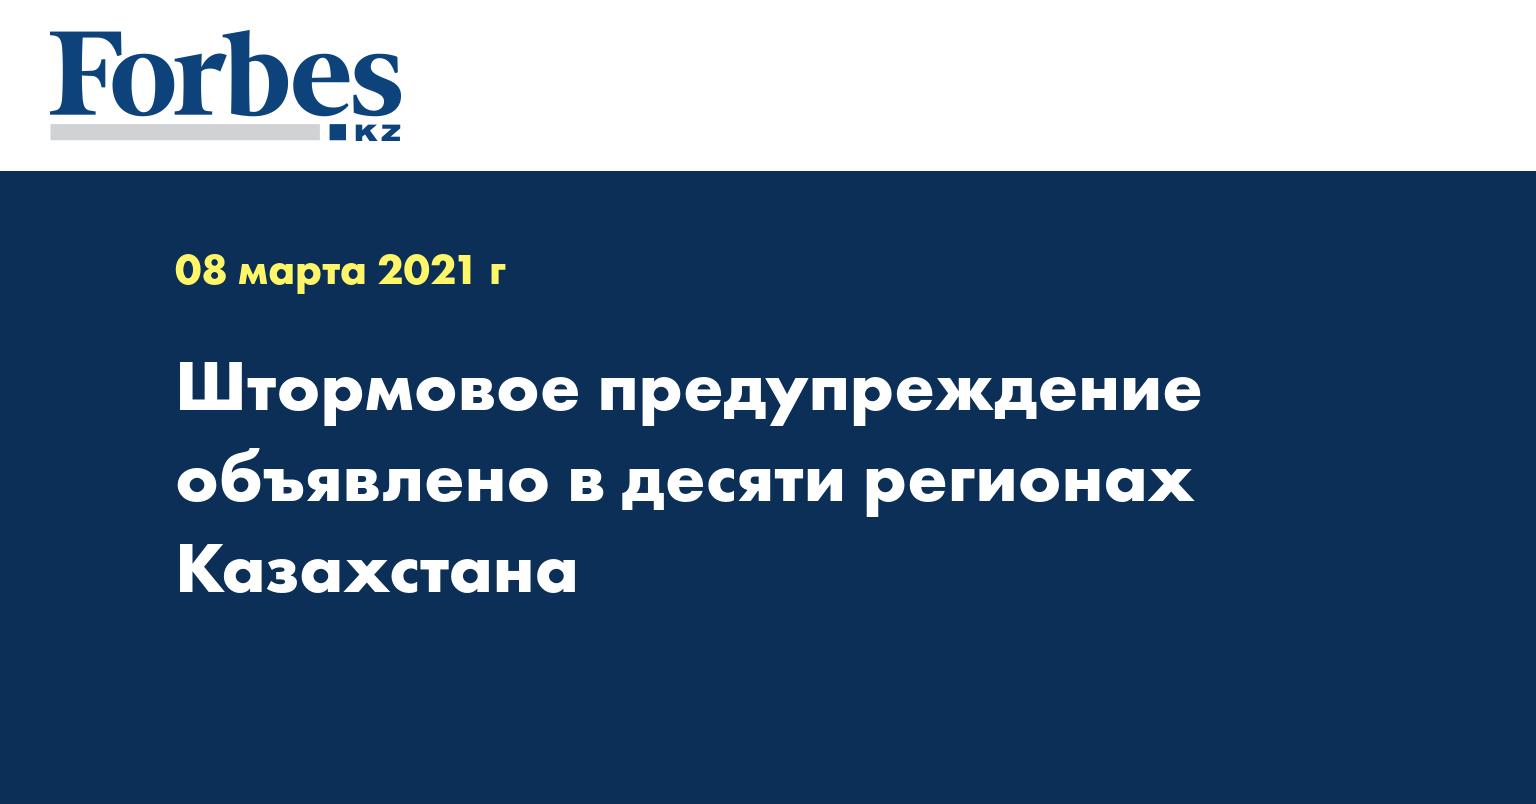 Штормовое предупреждение объявлено в десяти регионах Казахстана